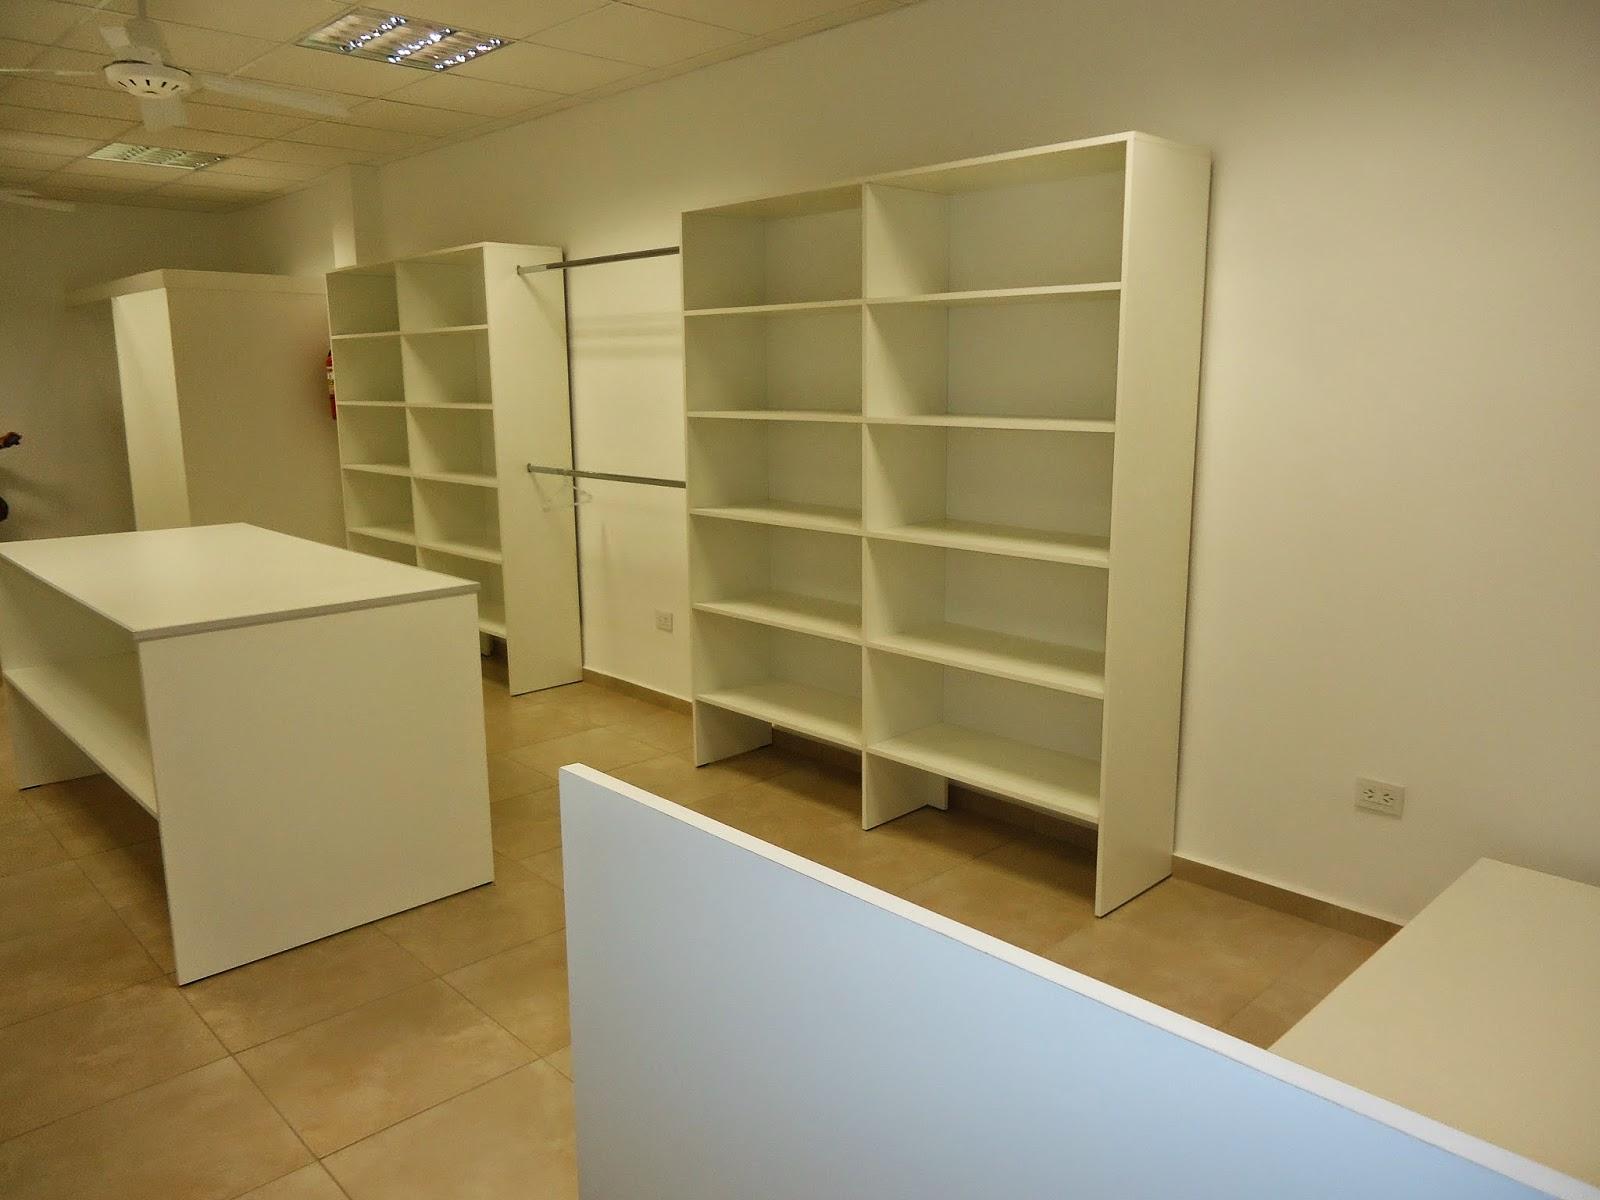 Muebles para negocio de ropa de mujer for Muebles para negocio